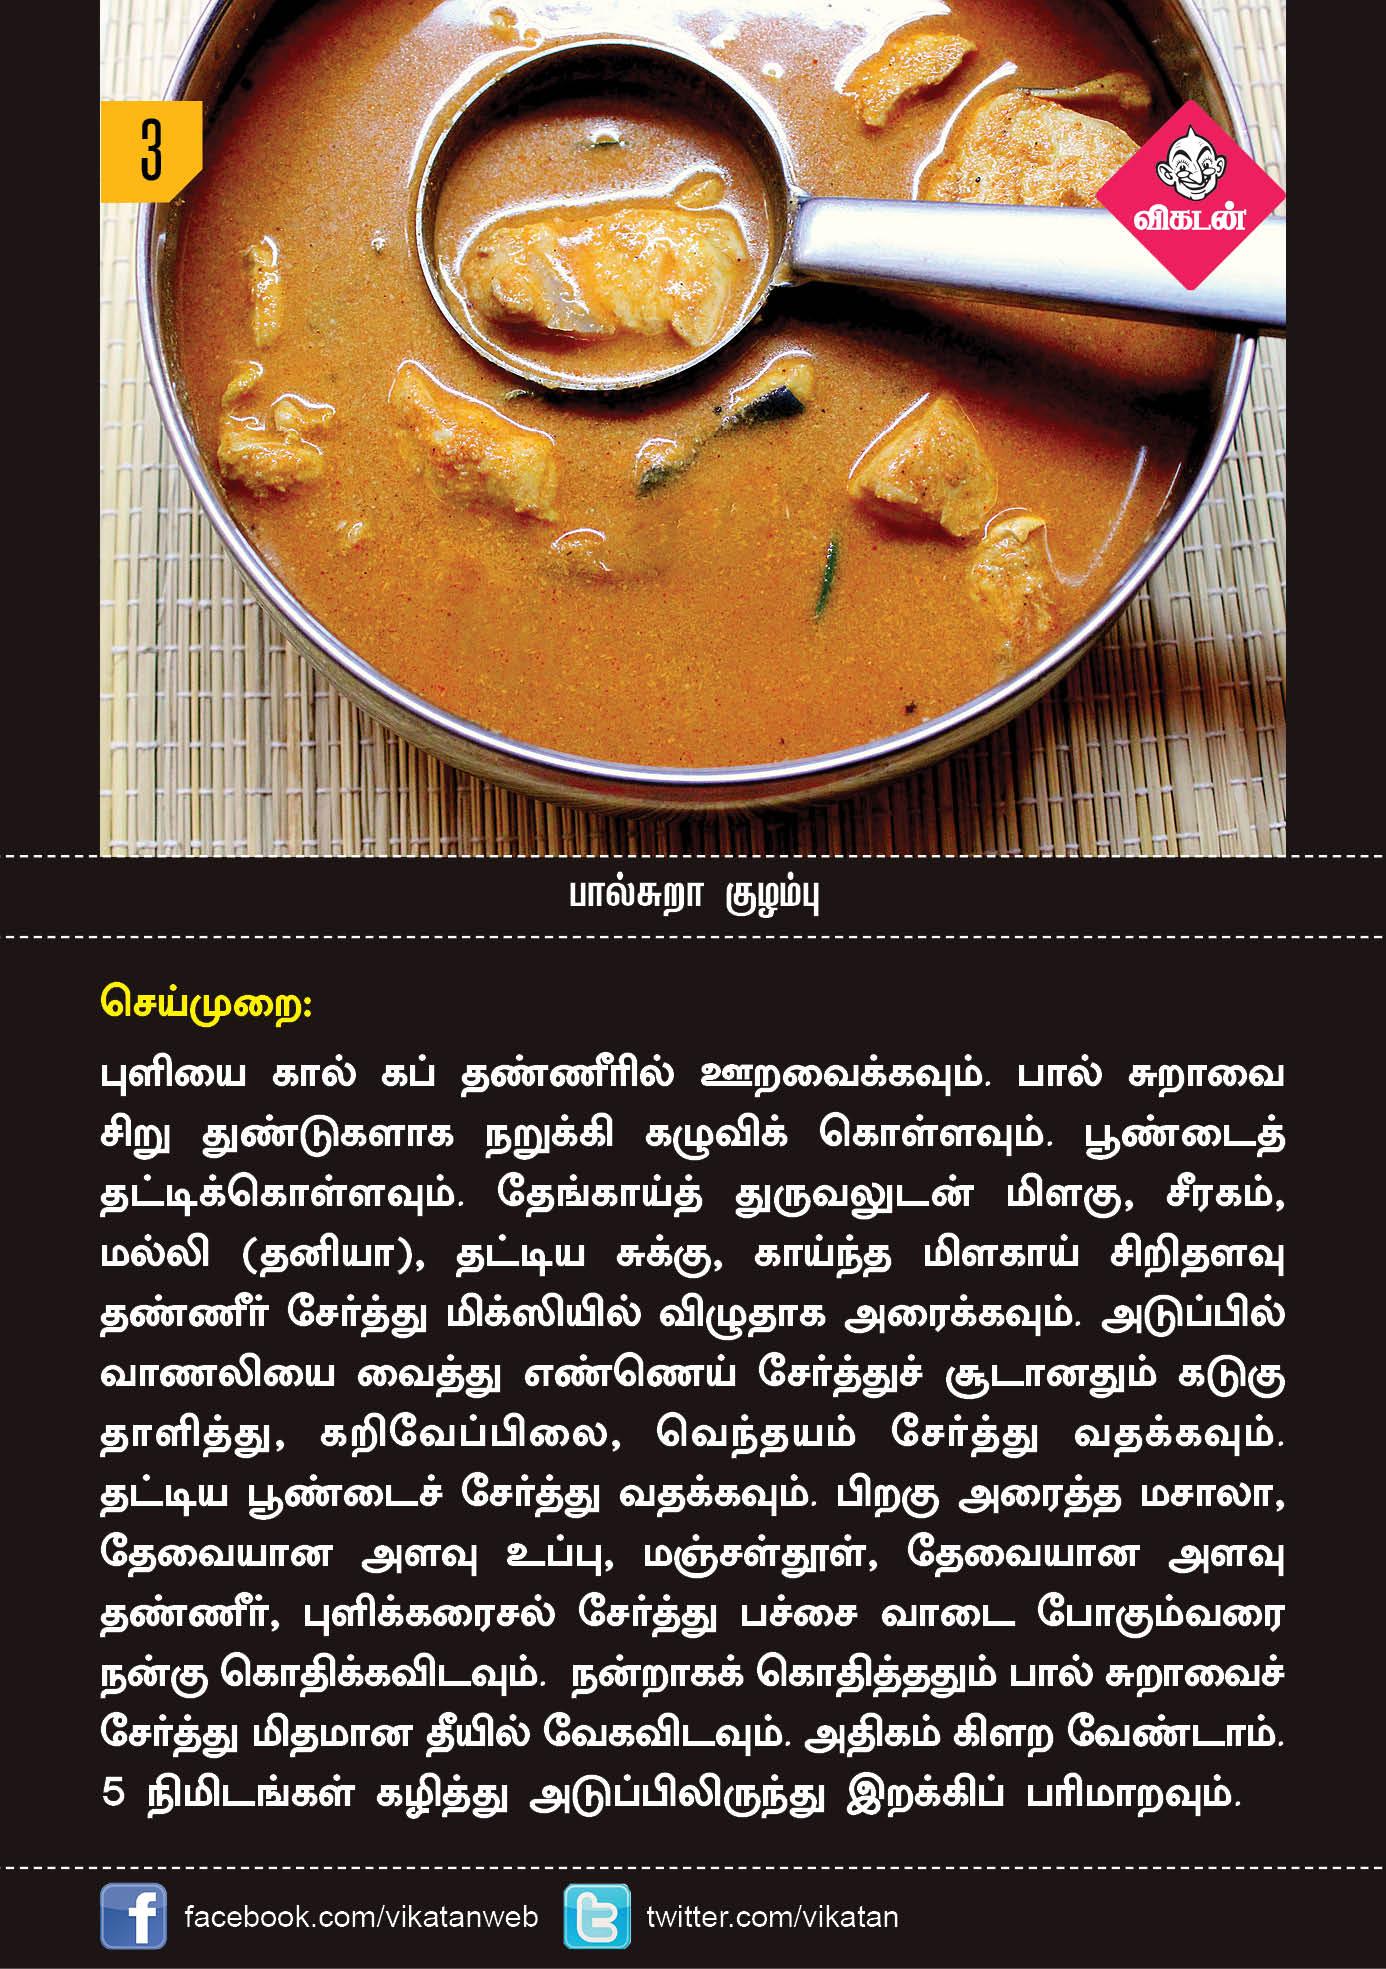 பால் சுறா குழம்பு,  பூண்டு கீரை பருப்பு மசியல், முட்டை ரசம்... தாய்ப்பால் பெருக்கும் ரெசிப்பிகள்! #VikatanPhotoCards